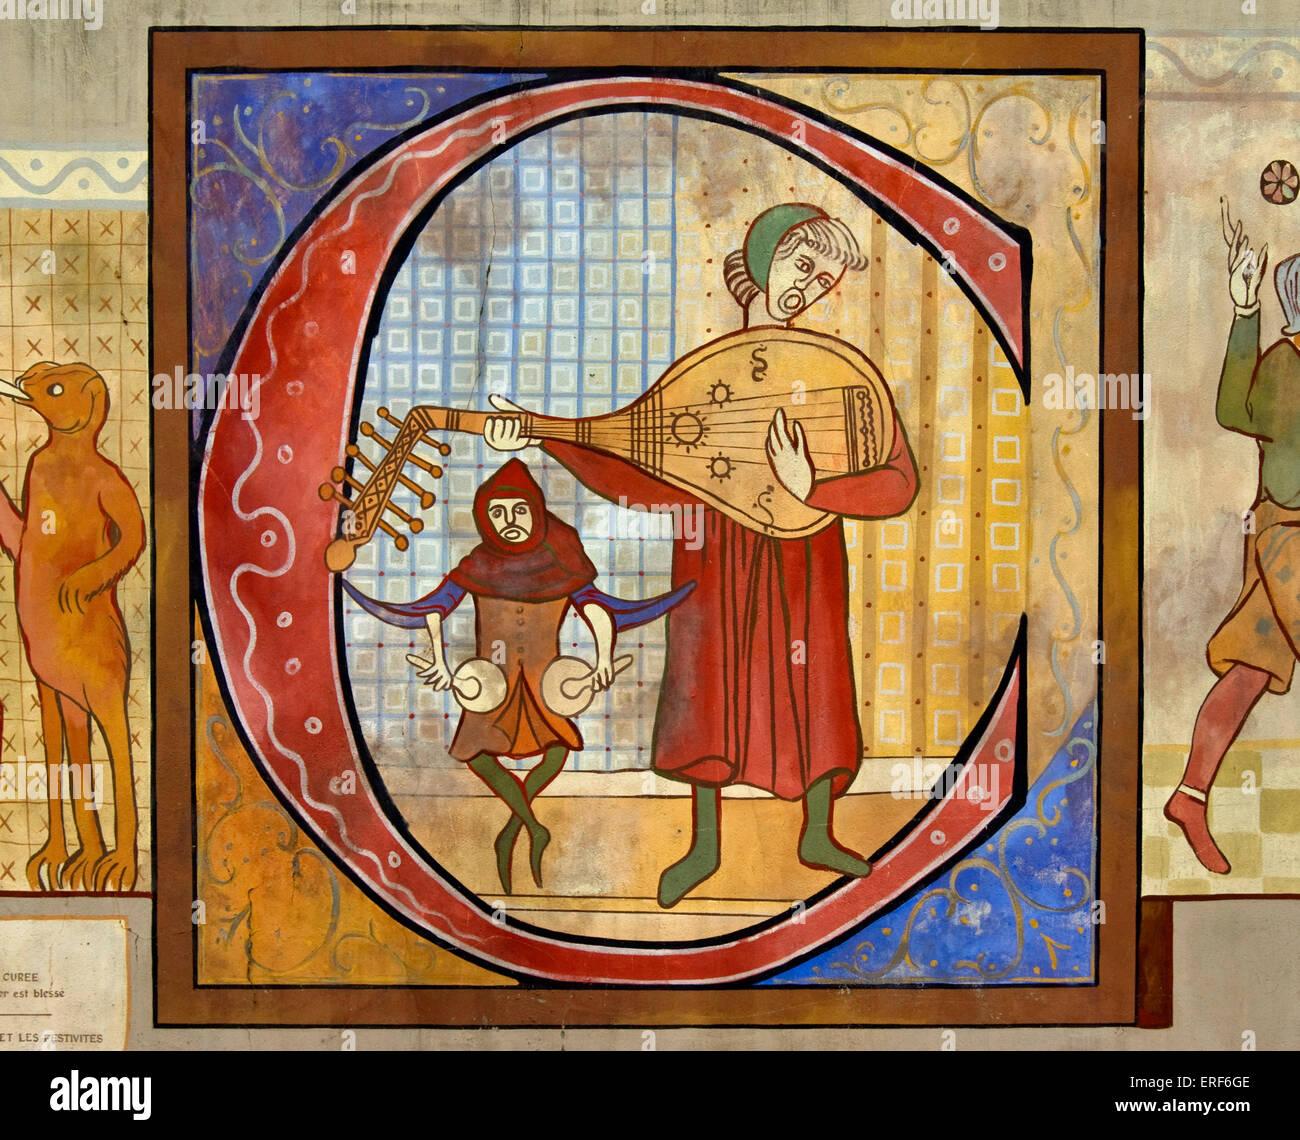 Reproduktion einer Zeichnung zeigt eine mittelalterliche Lautenspieler und einen Schlagzeuger spielen Nakers (oder Stockbild